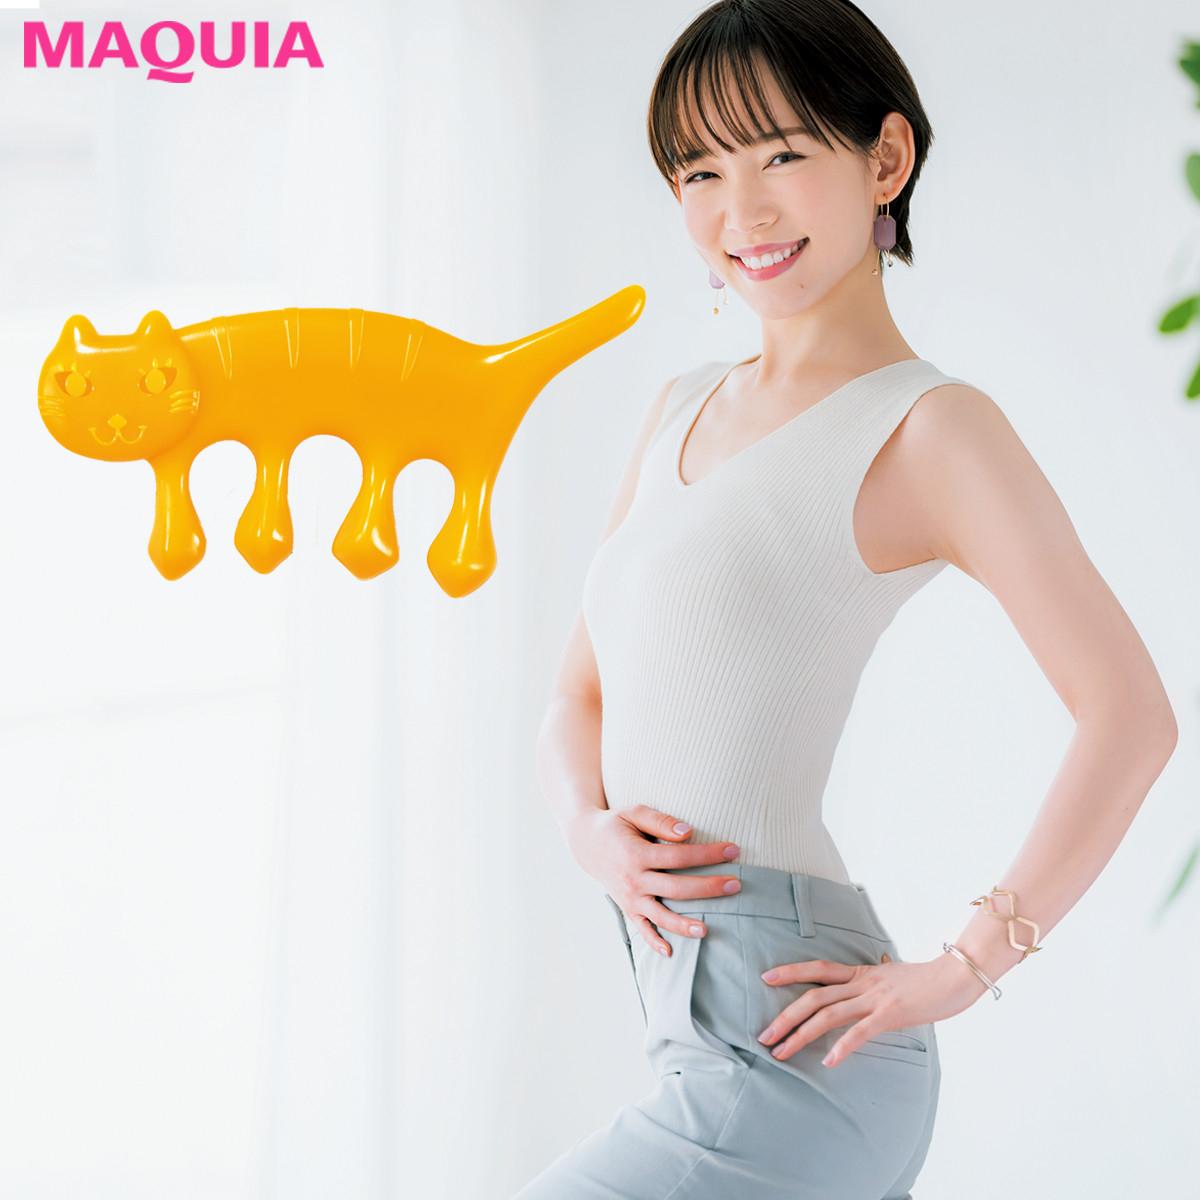 もう太らないカラダに! 本島彩帆里式・猫型美圧かっさで痩せやすい体を目指そう